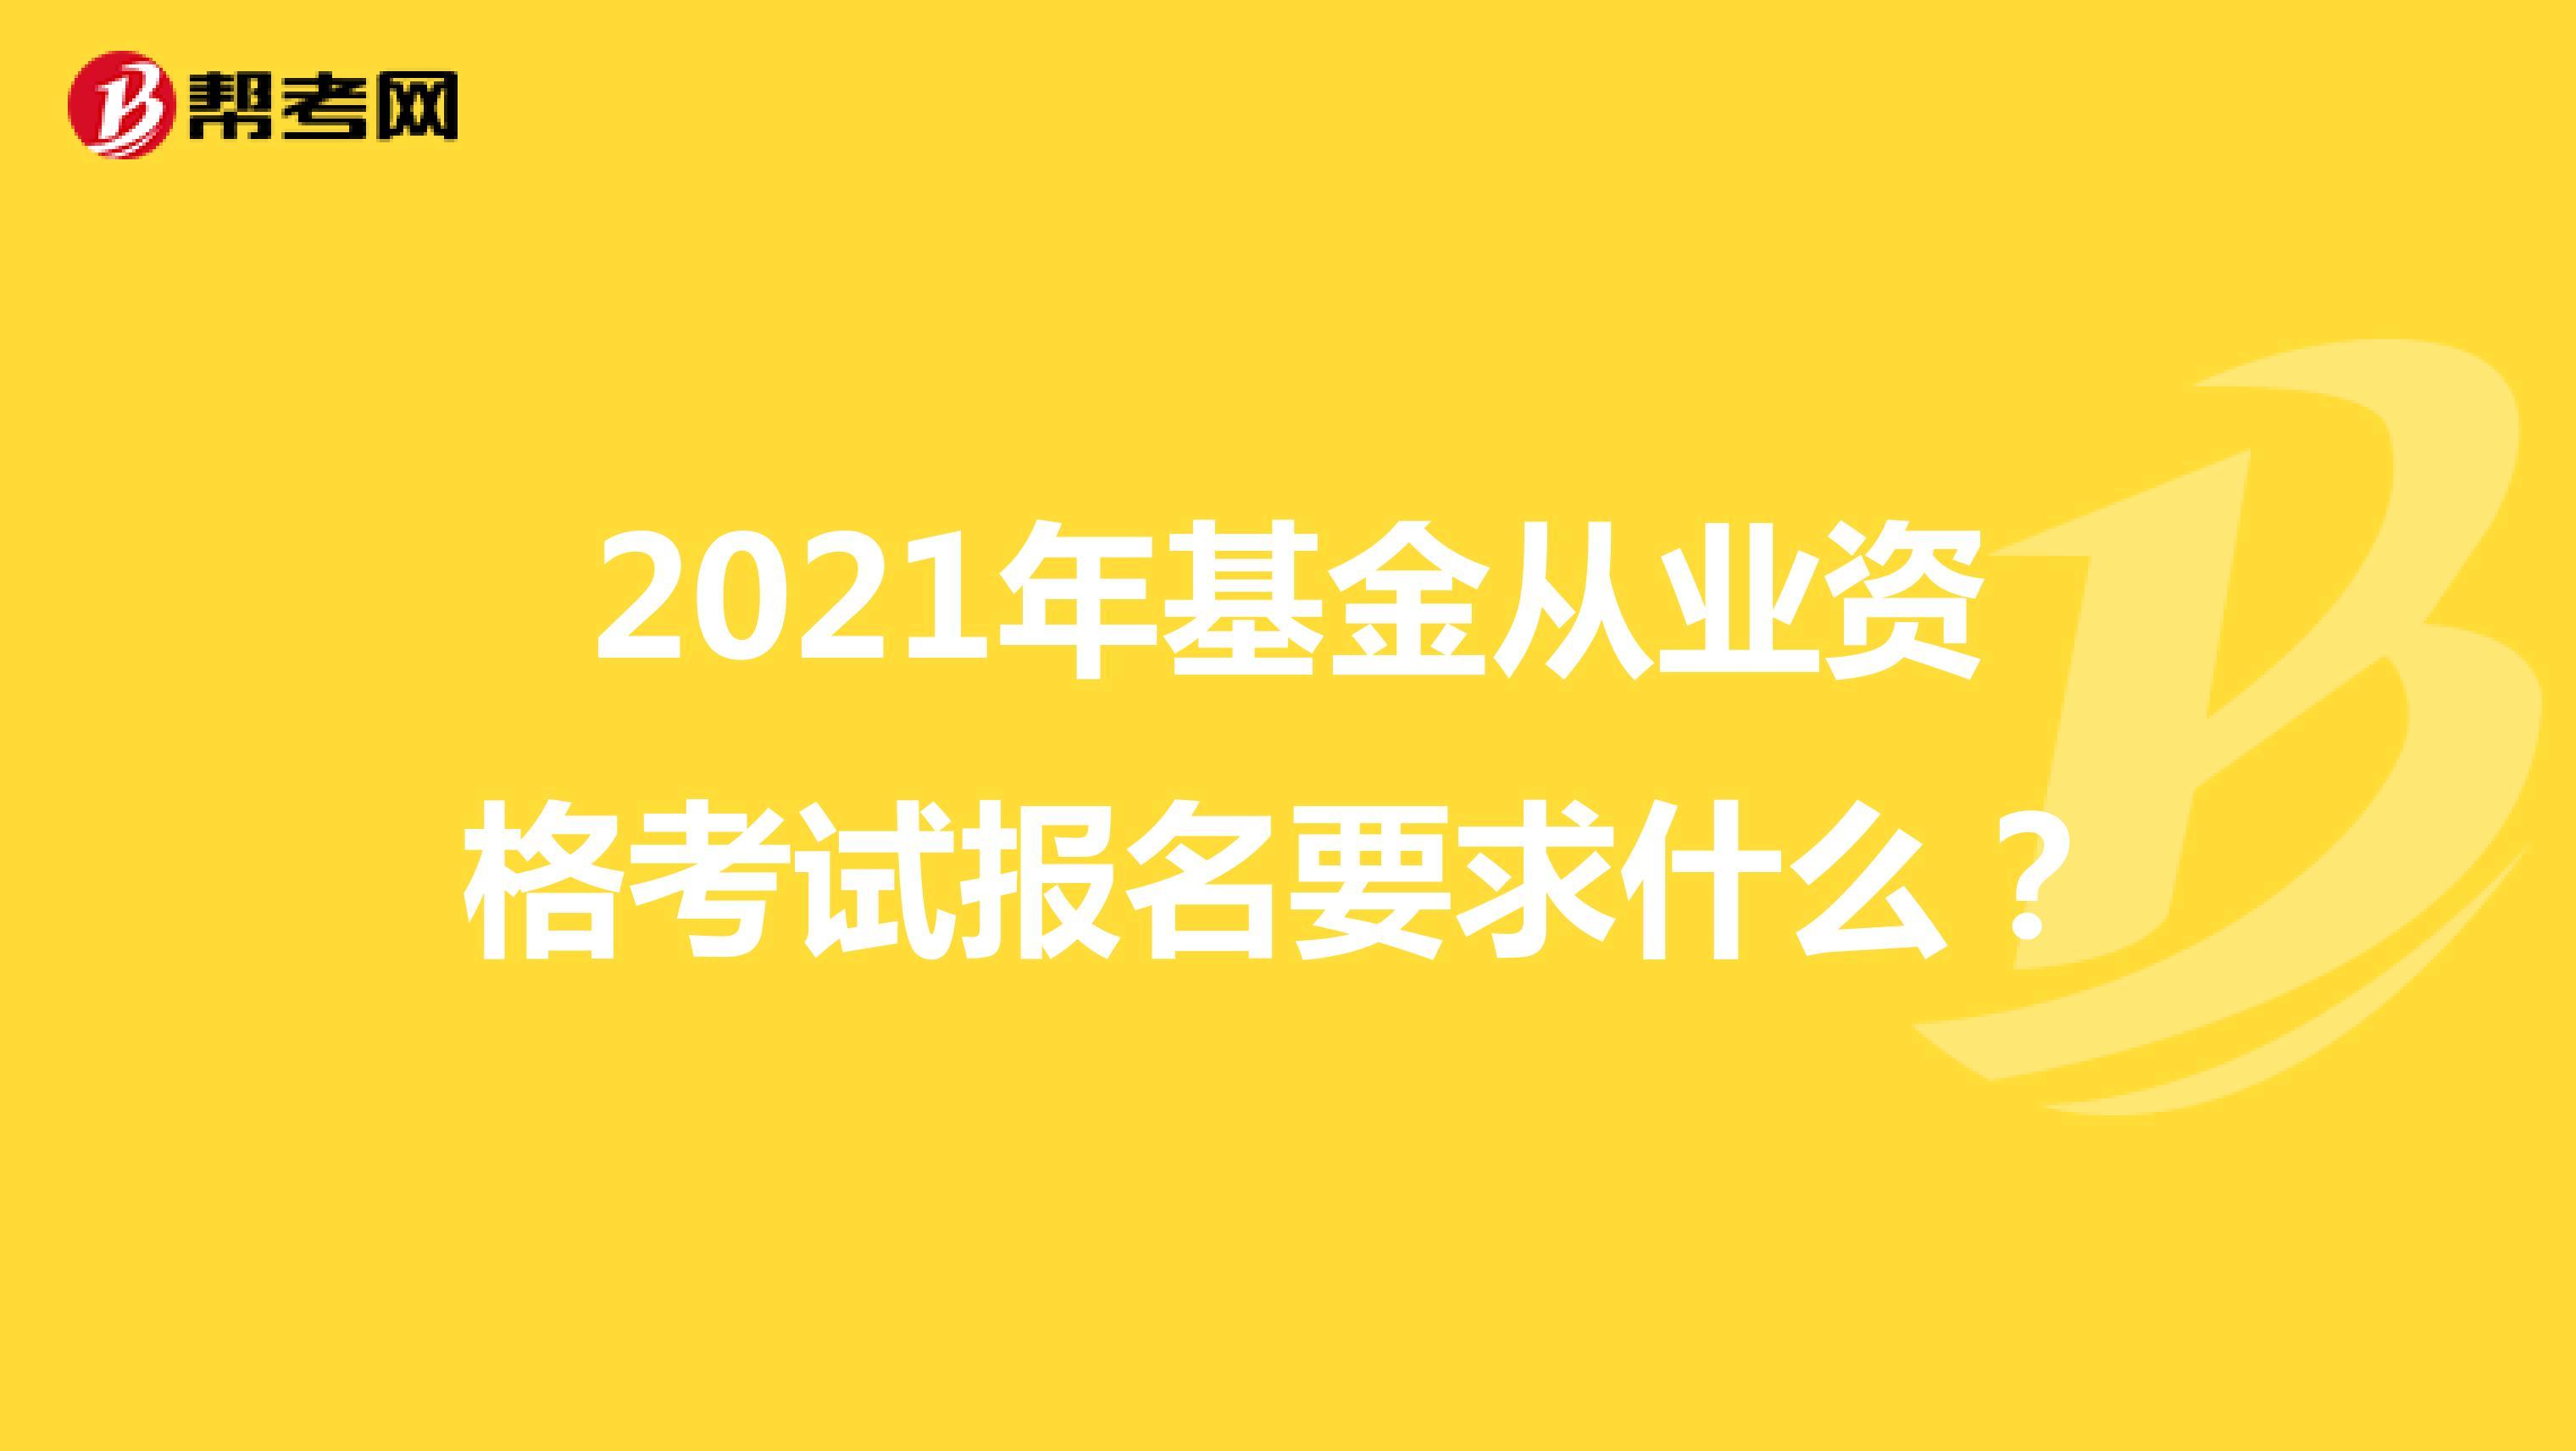 2021年基金从业资格考试报名要求什么?